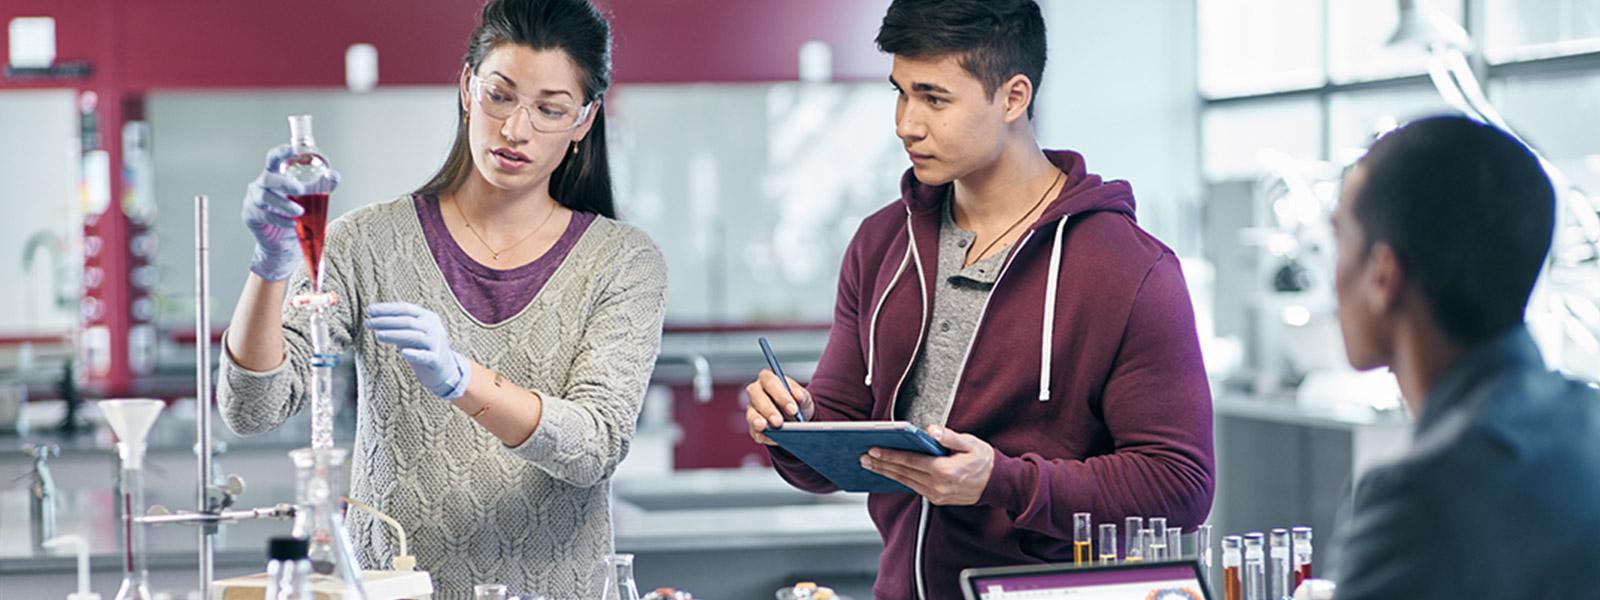 Trois étudiants dans un laboratoire de chimie, dont l'un utilise Surface Pro 4 en mode tablette et un autre en mode ordinateur portable.